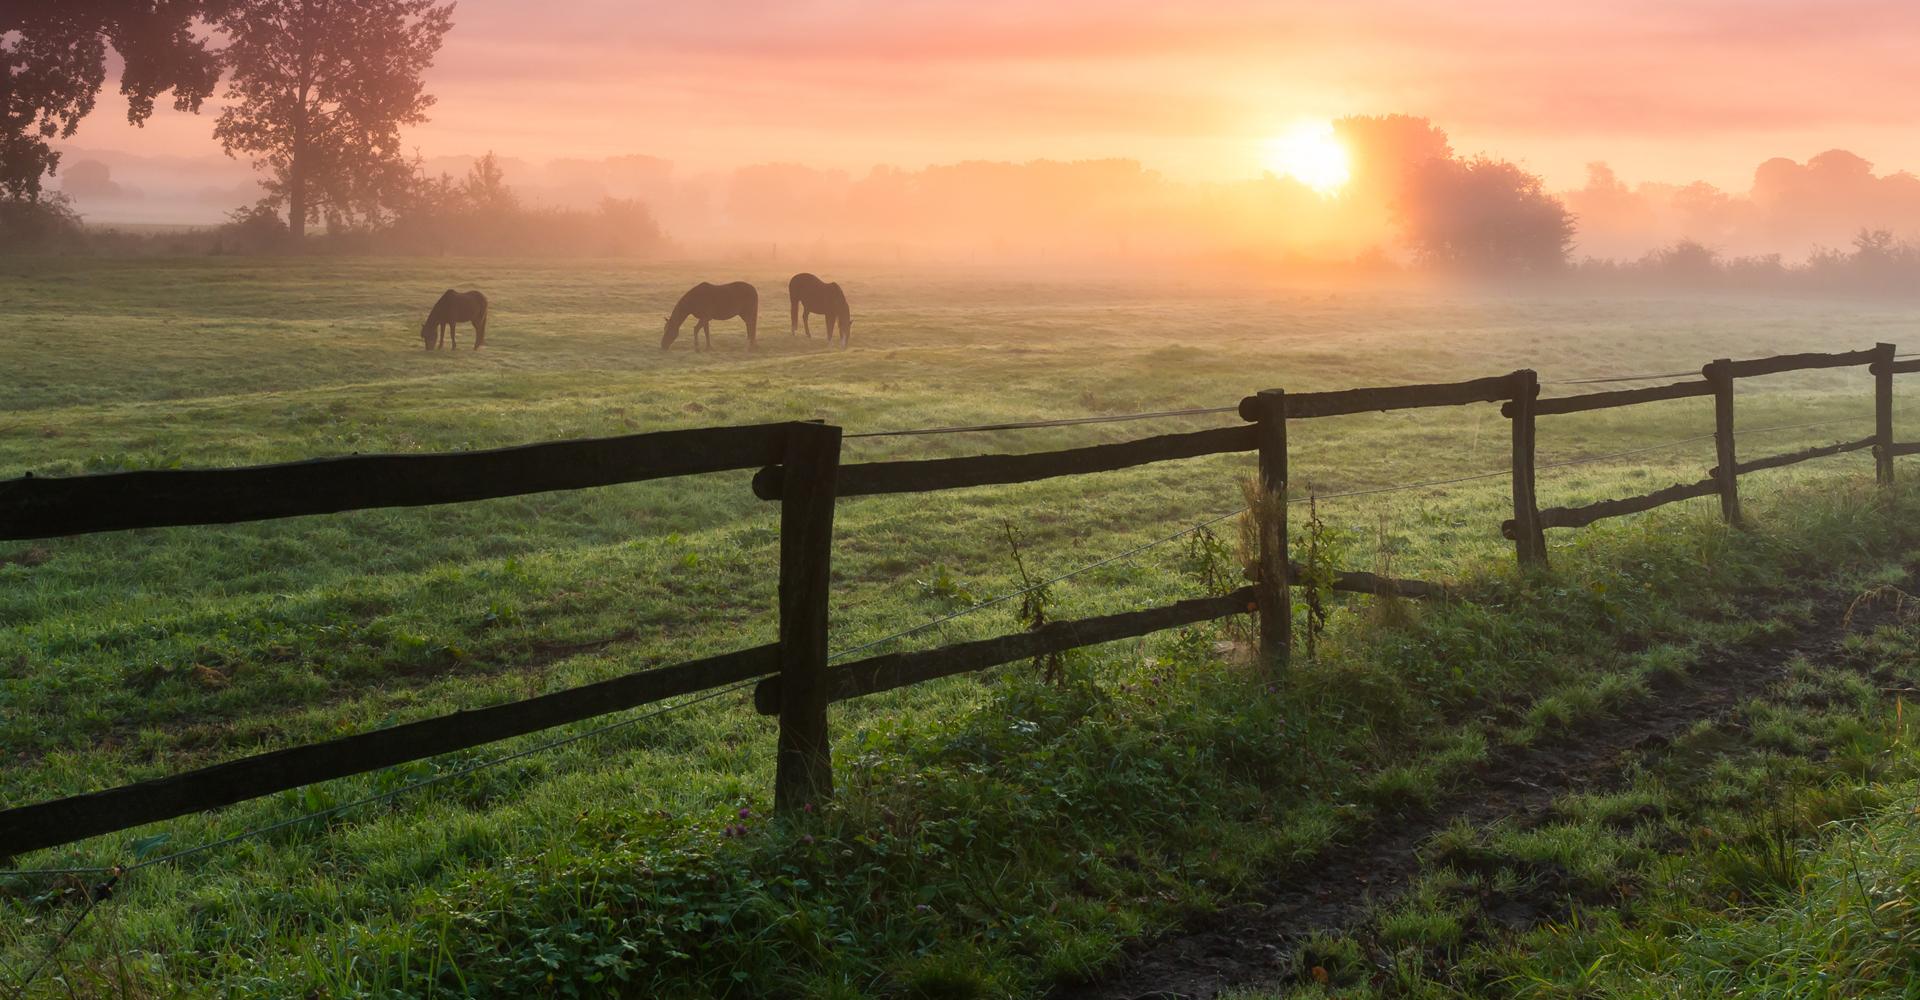 Drei Pferde auf Koppel im Sonnenaufgang mit Nebel